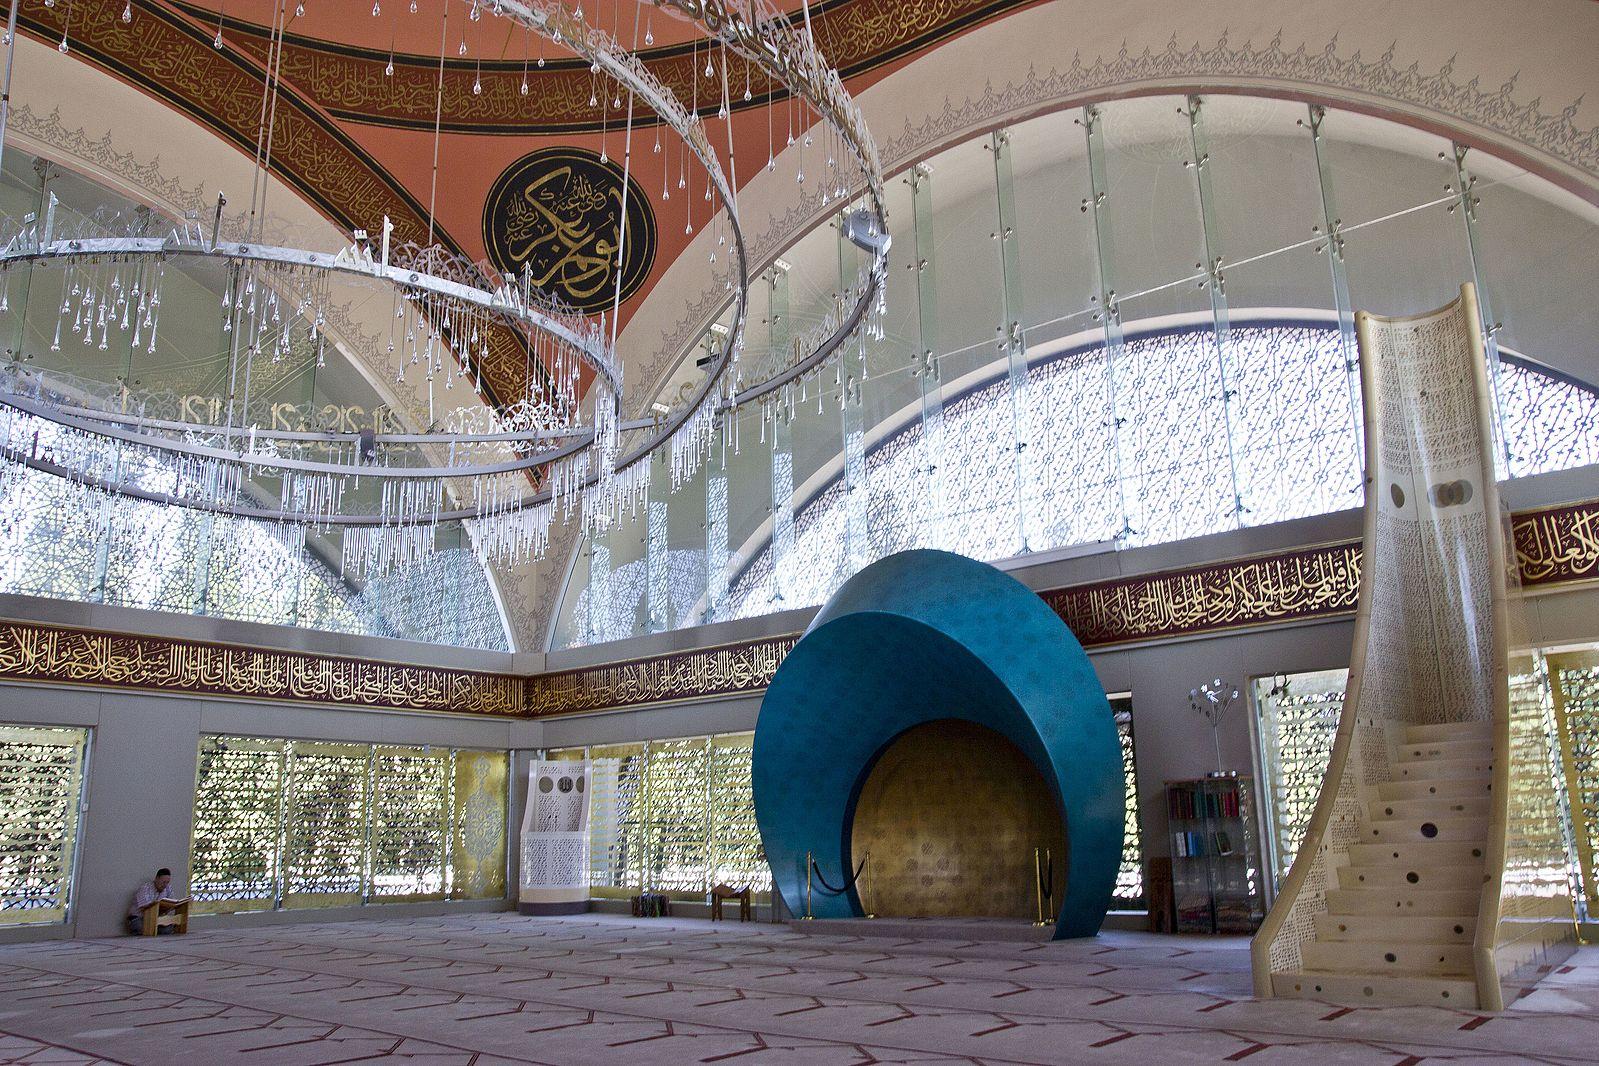 mosques taraweeh sakirin